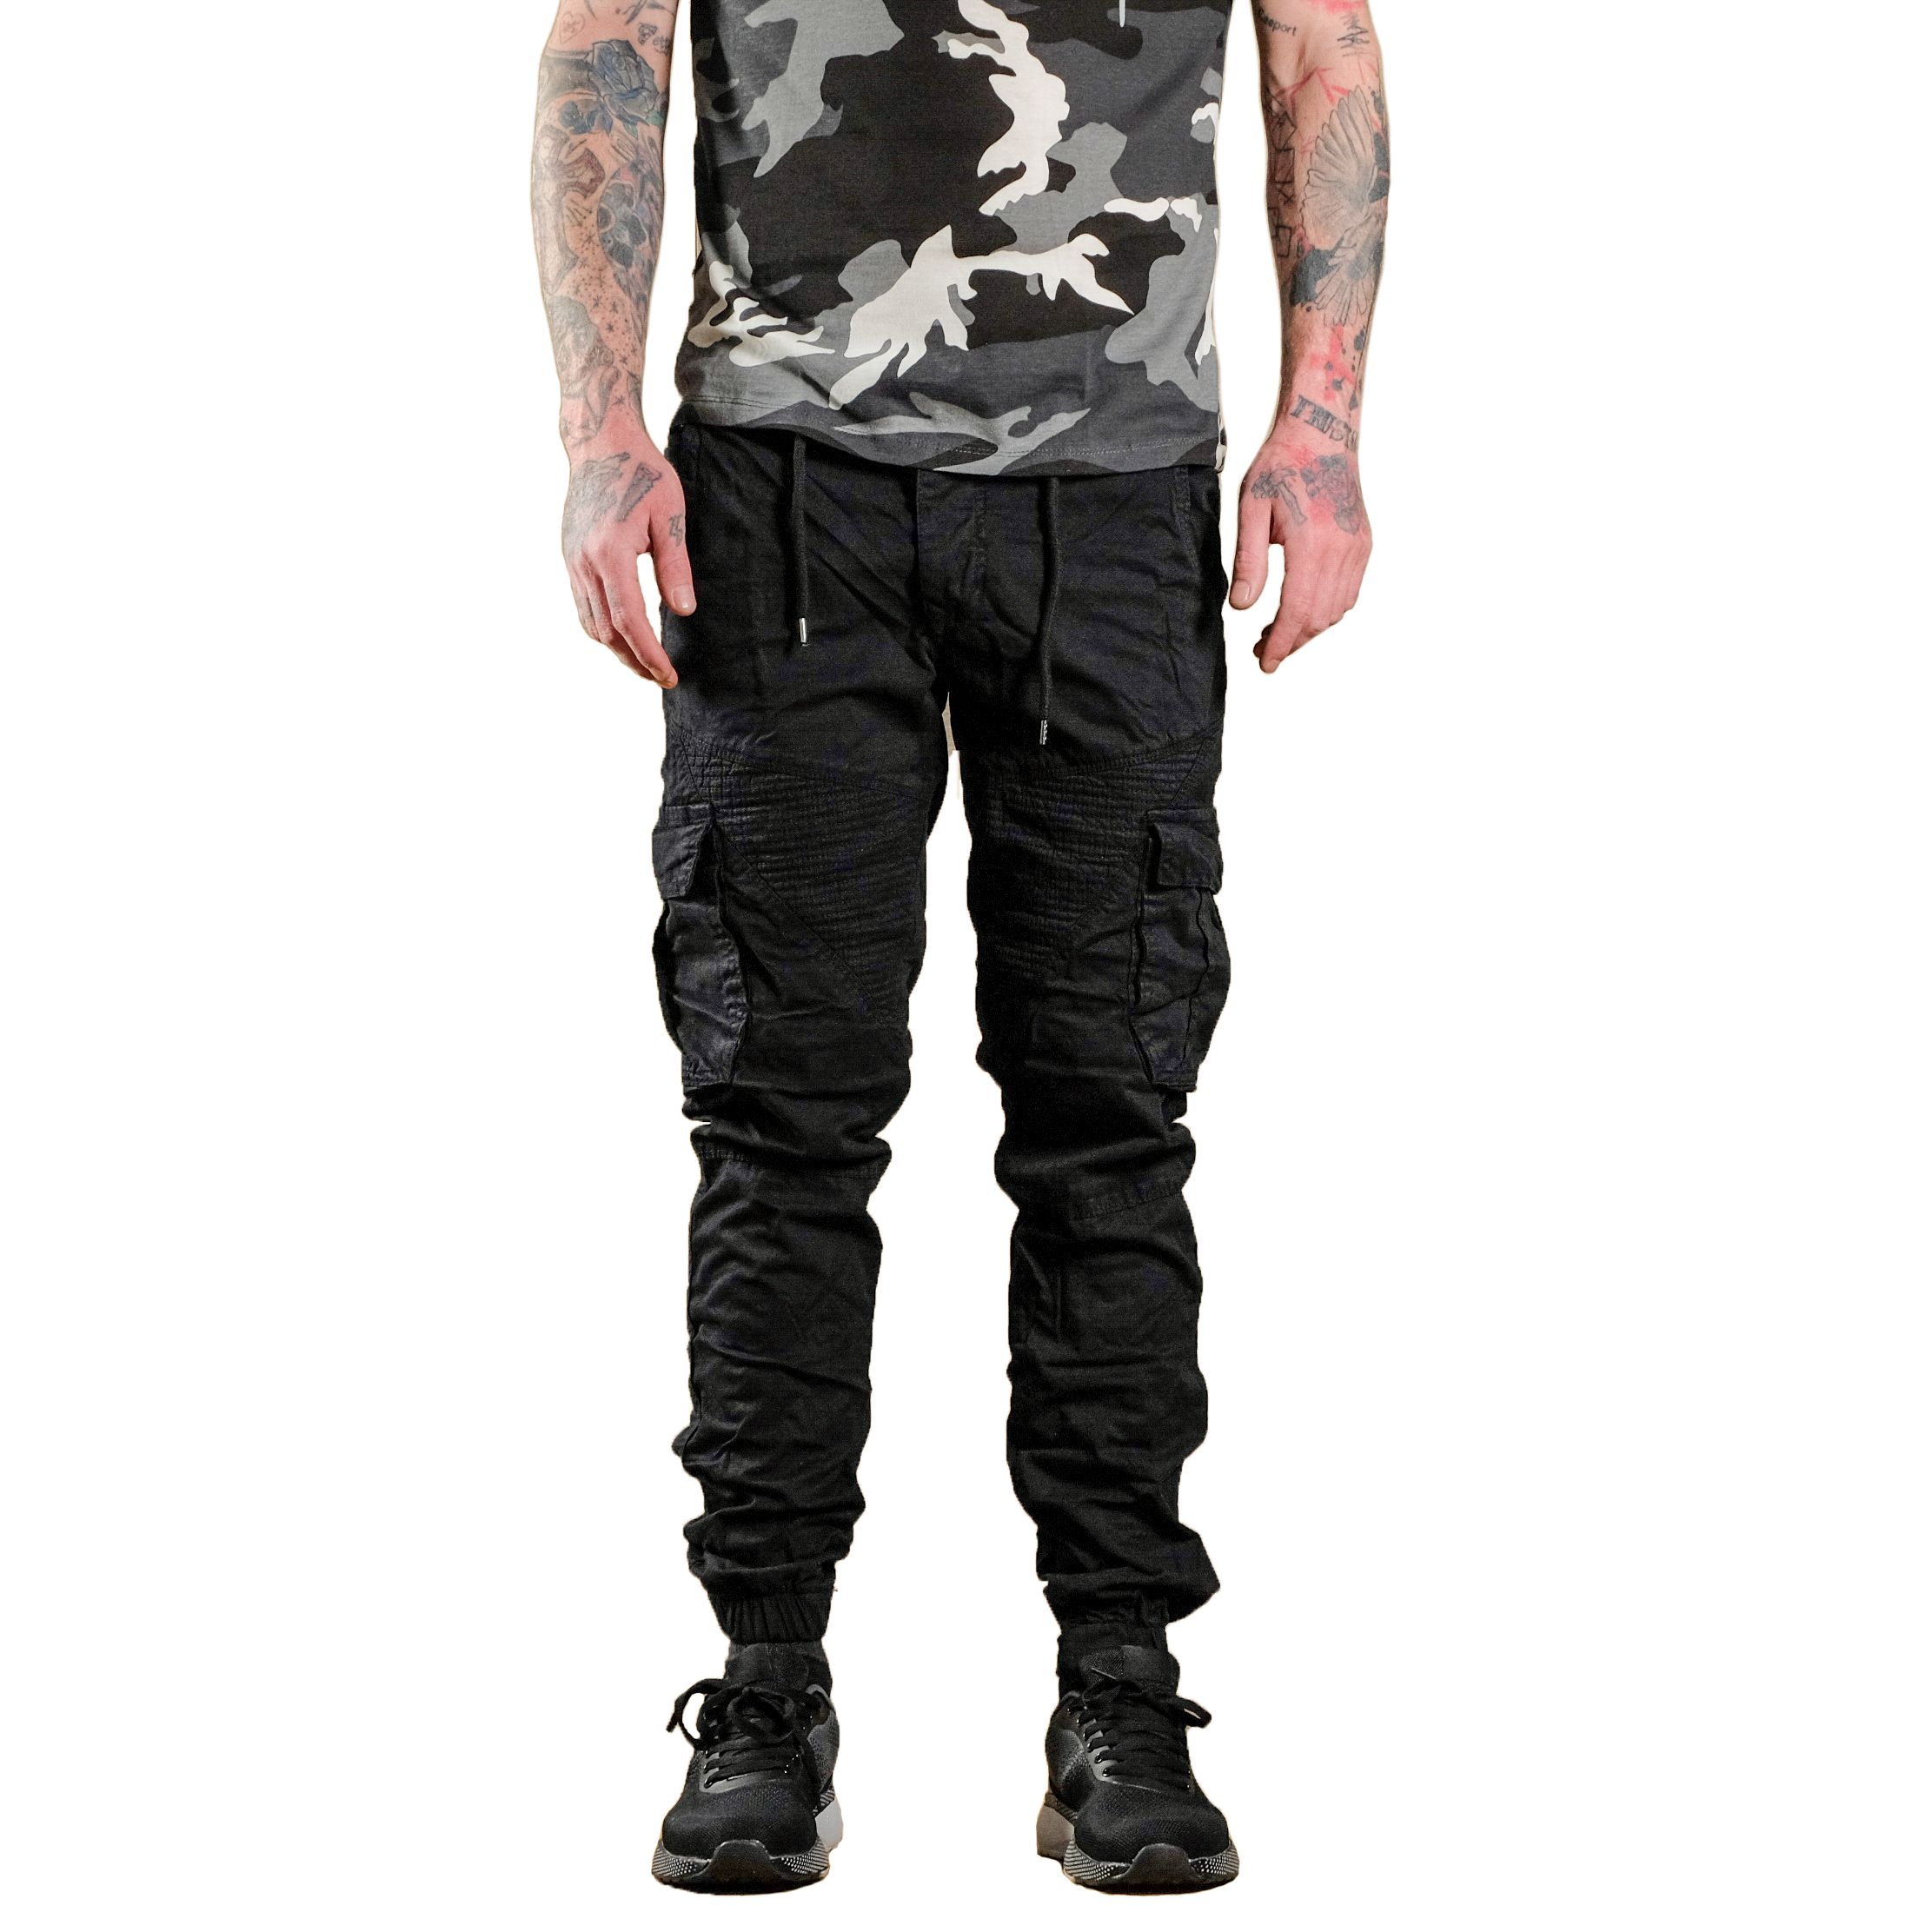 Ανδρικό μαύρο παντελόνι cargo Blackzi